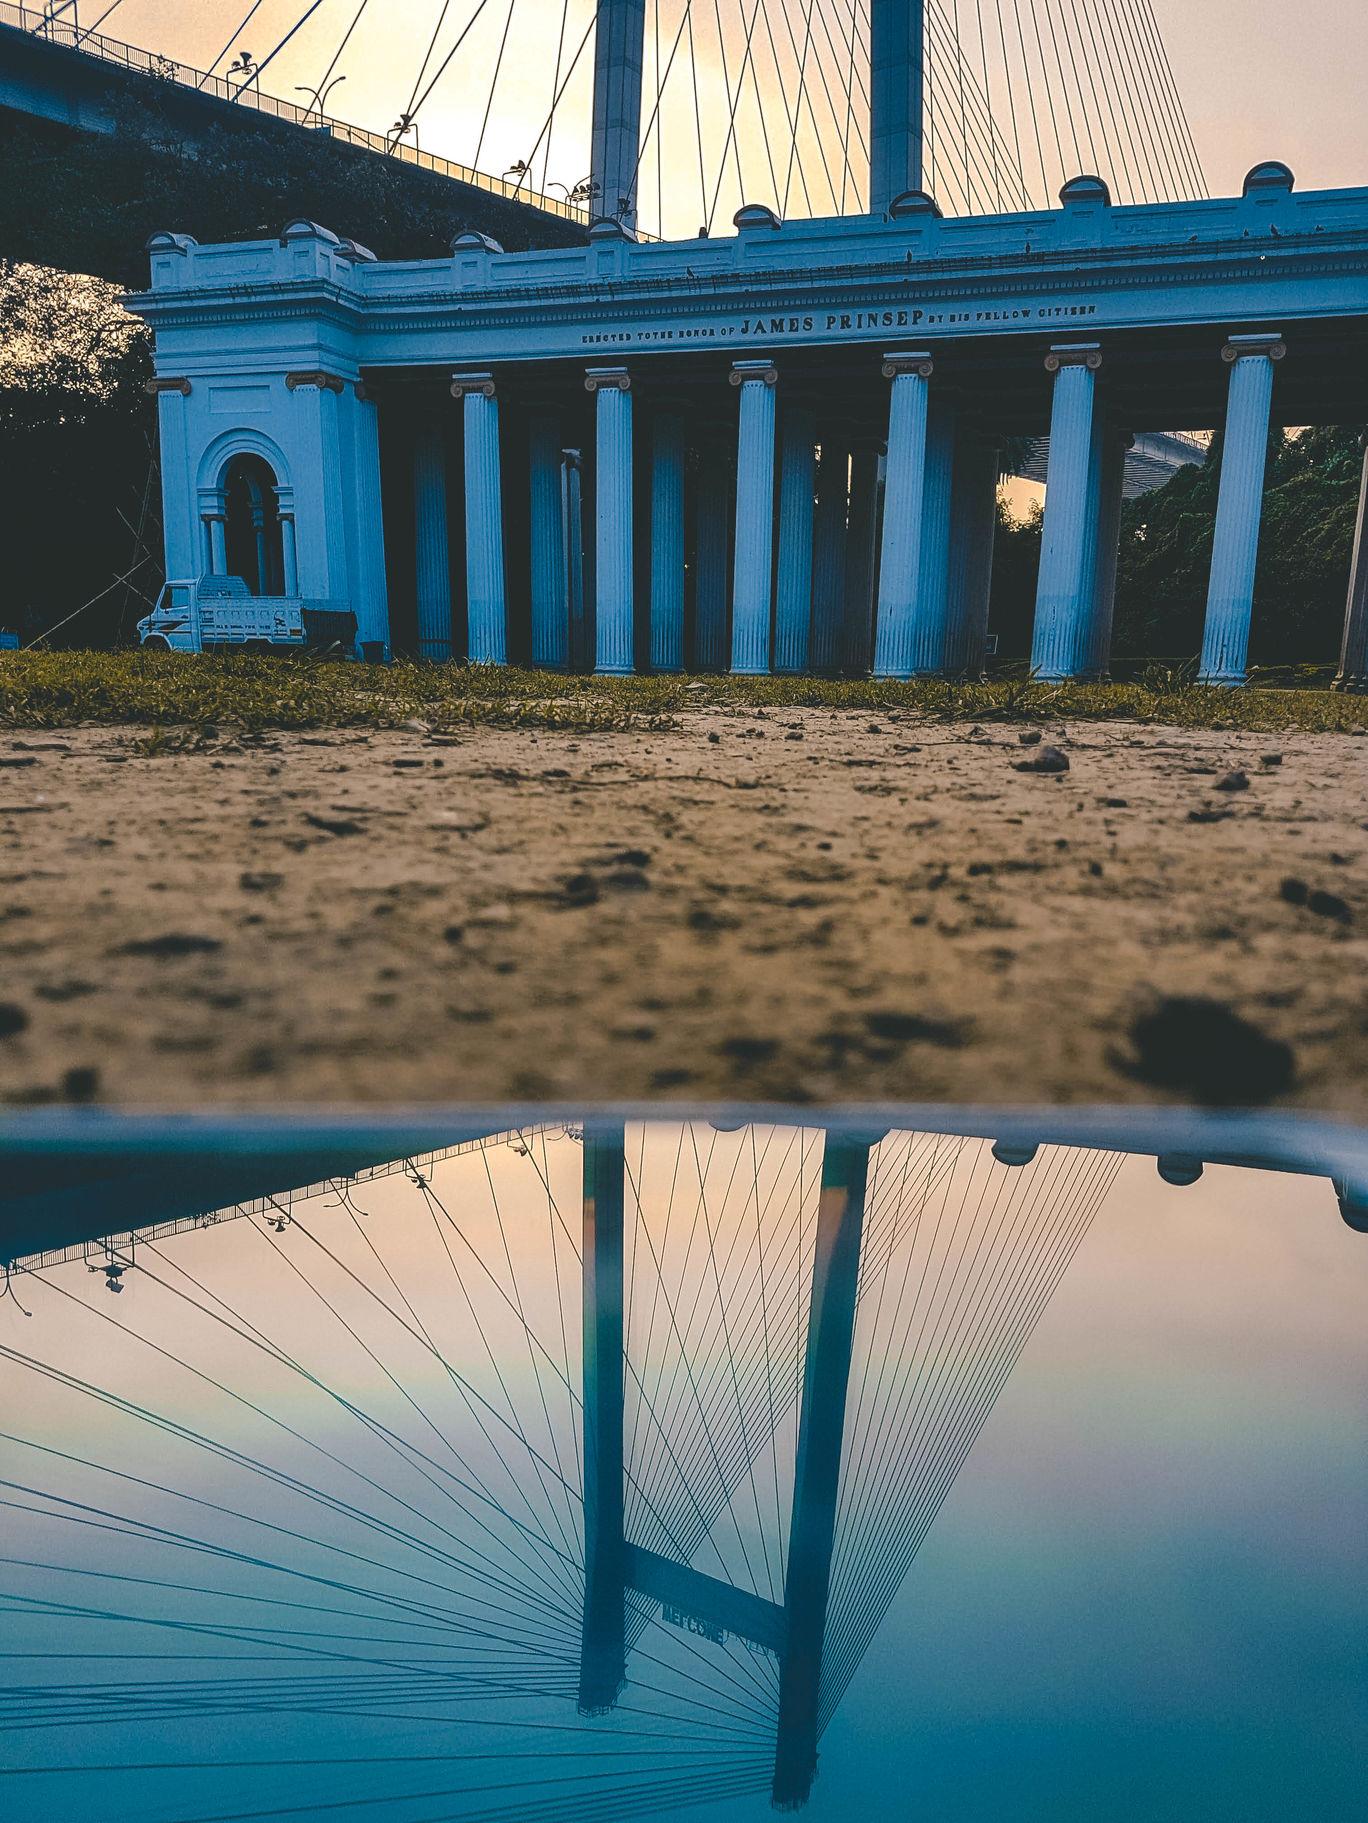 Photo of James Prinsep Ghat By Atif A.